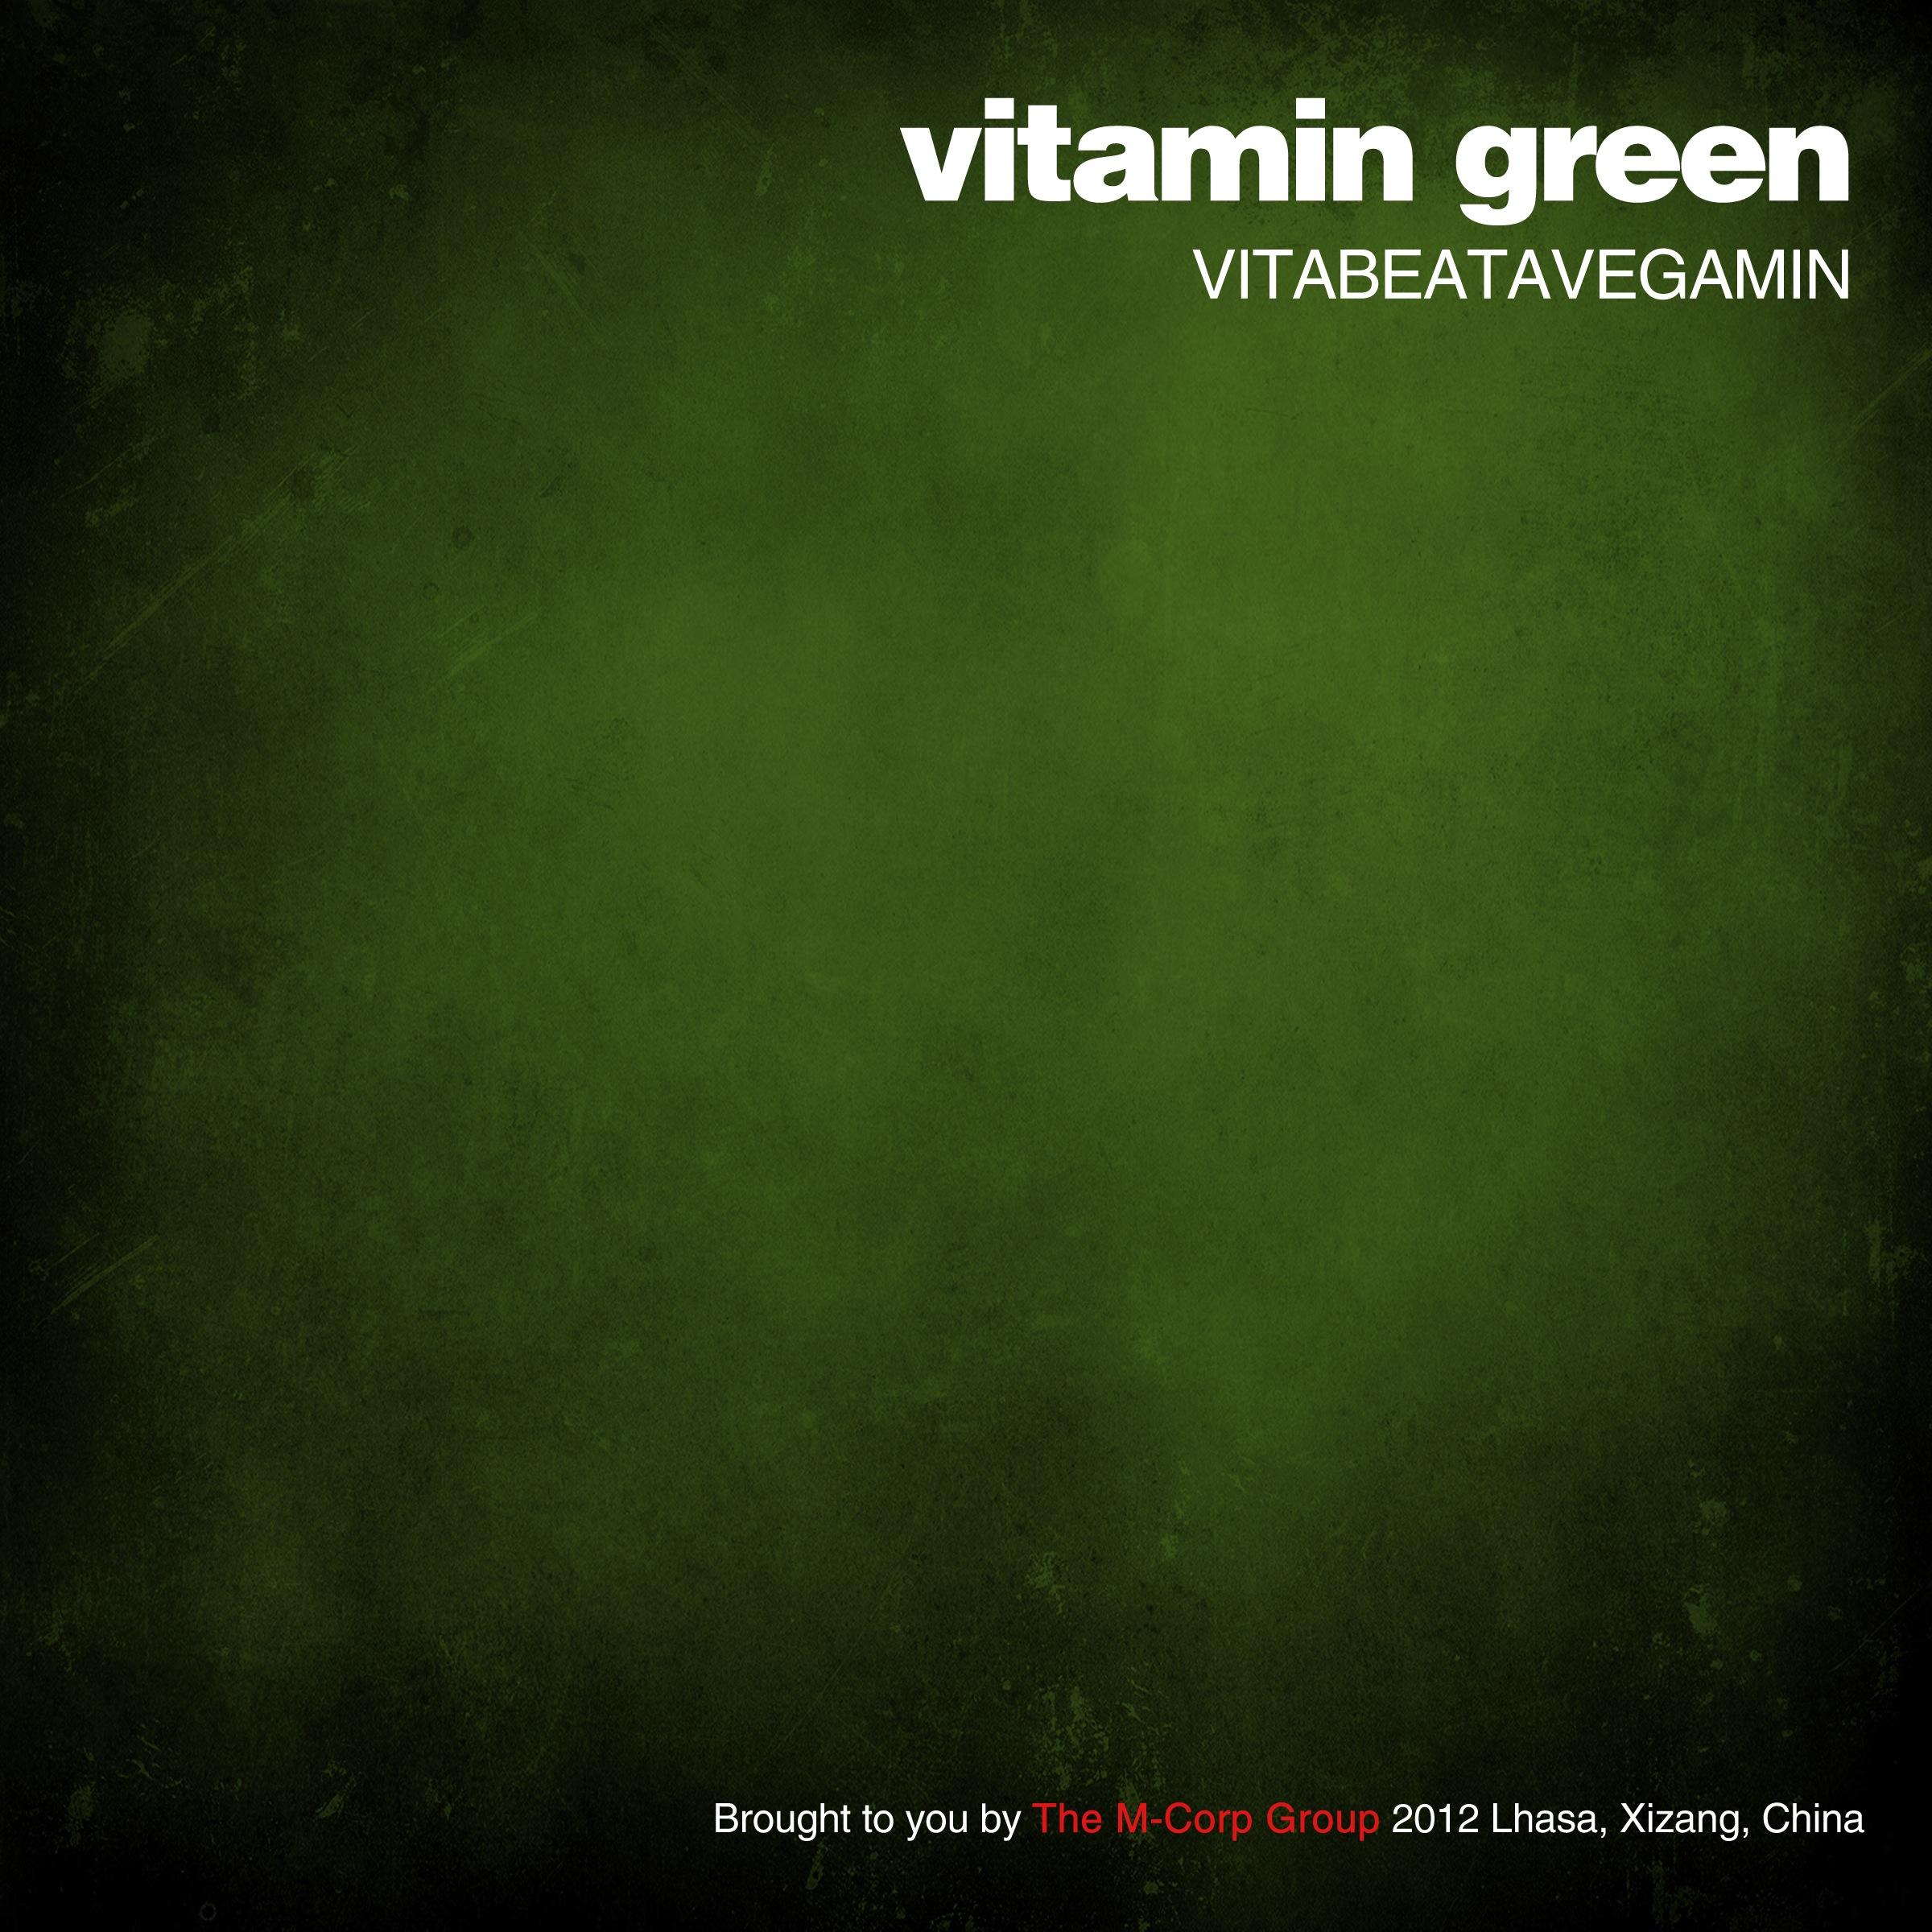 New Music: Vitabeatavegamin | Vitamin Green